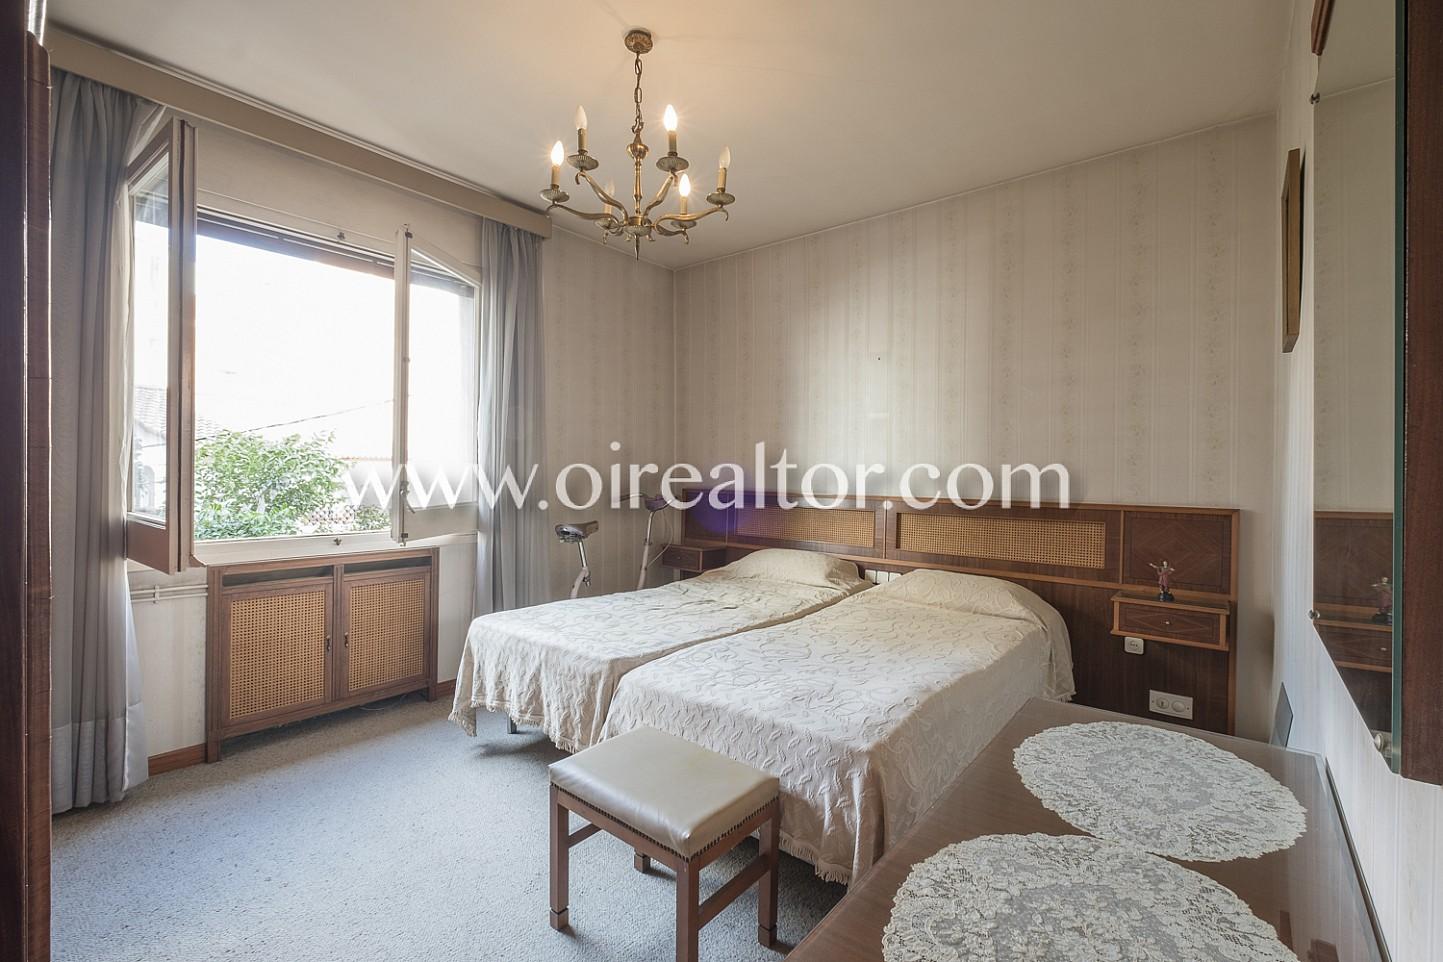 habitación doble, cama doble, cama, dormitorio, dormitorio doble, dormitorio luminoso, luminoso, soleado